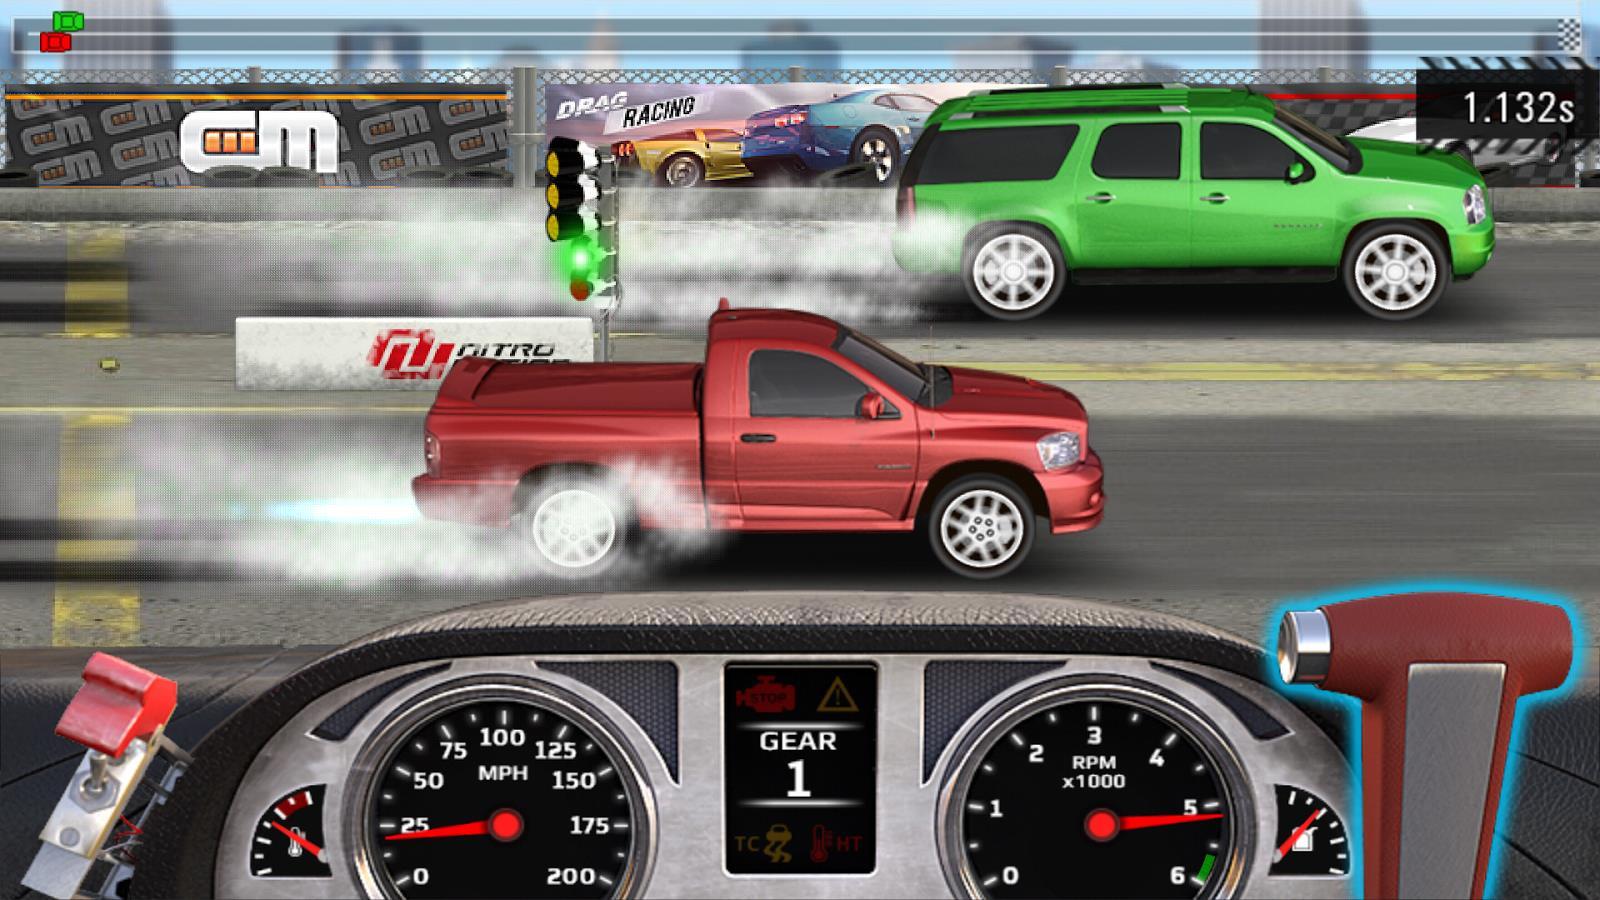 Drag Racing 4x4 - Imagem 1 do software